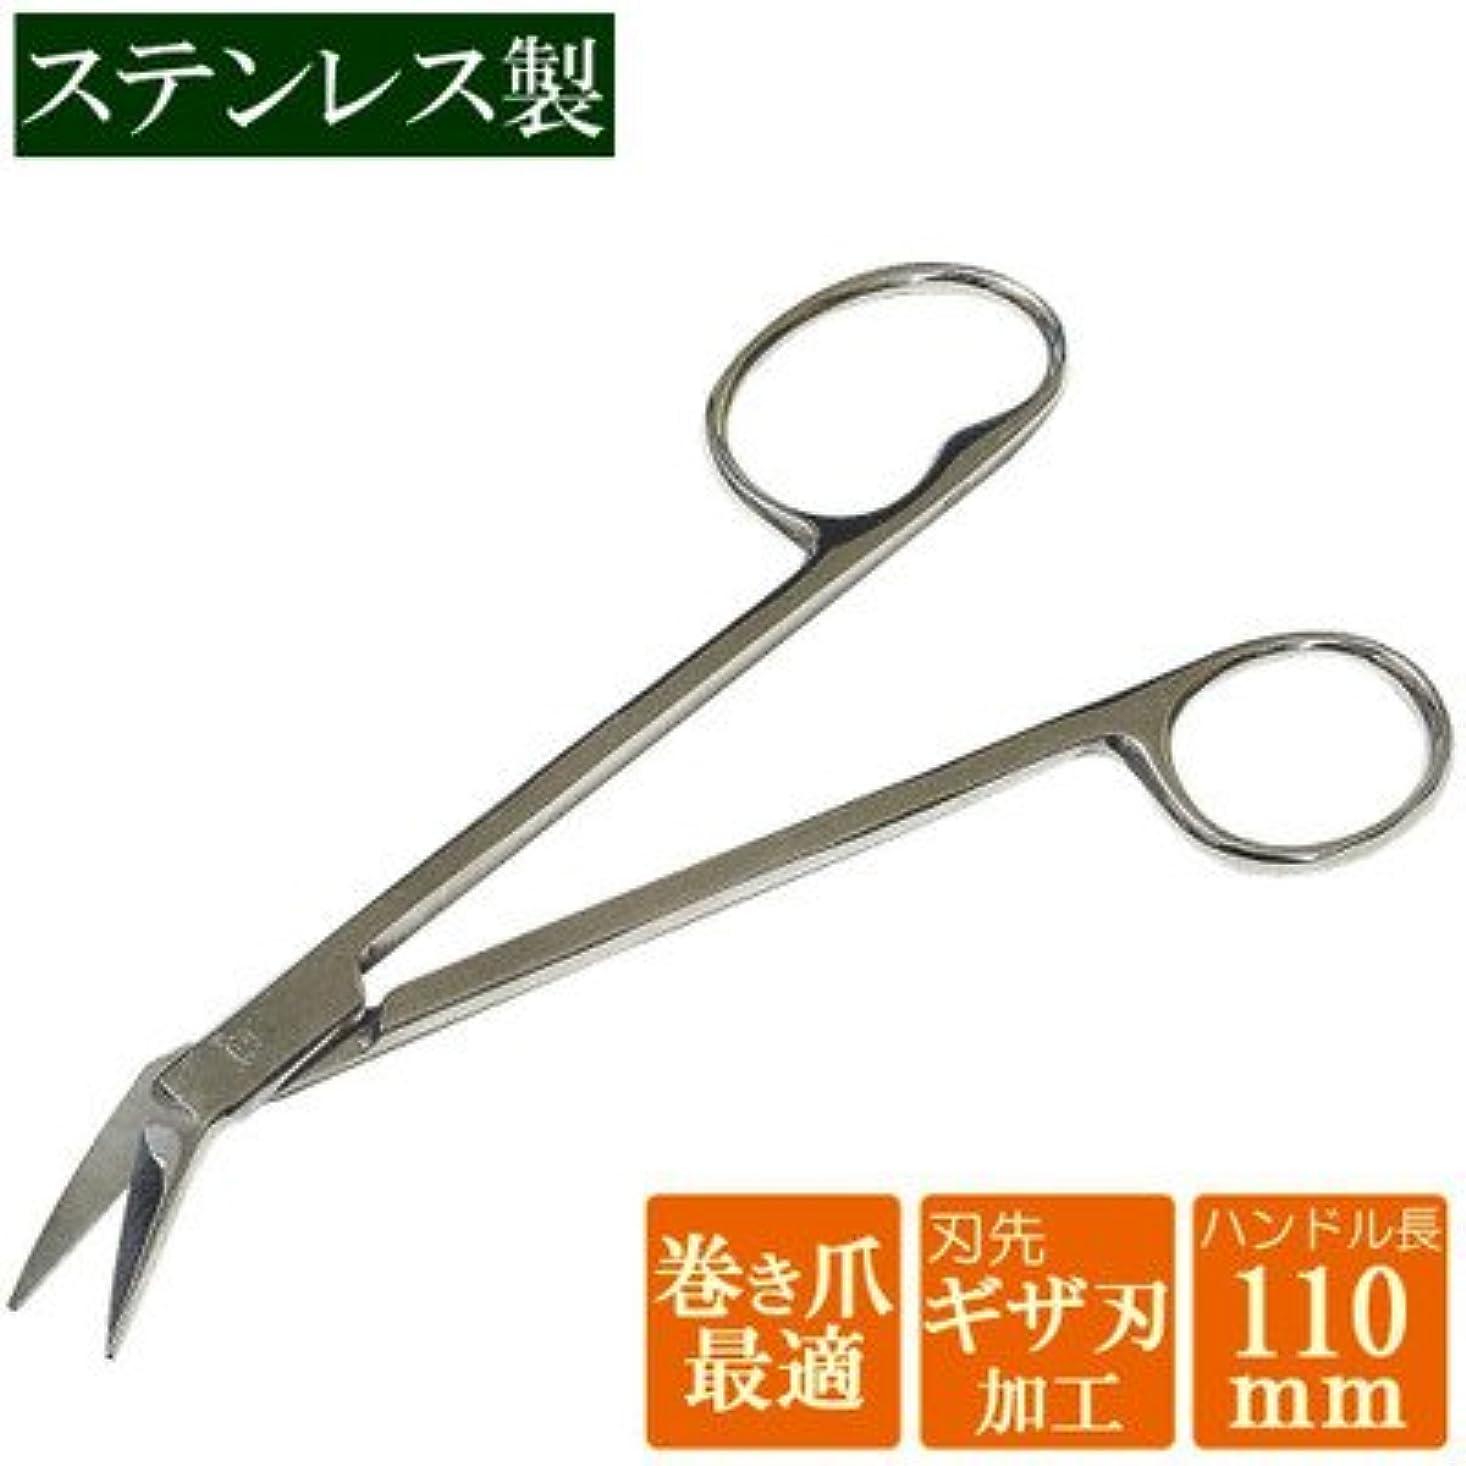 仮称飲み込む王女88021 ロング足用爪切りハサミ 自由なラインで切れる足用爪切りハサミ